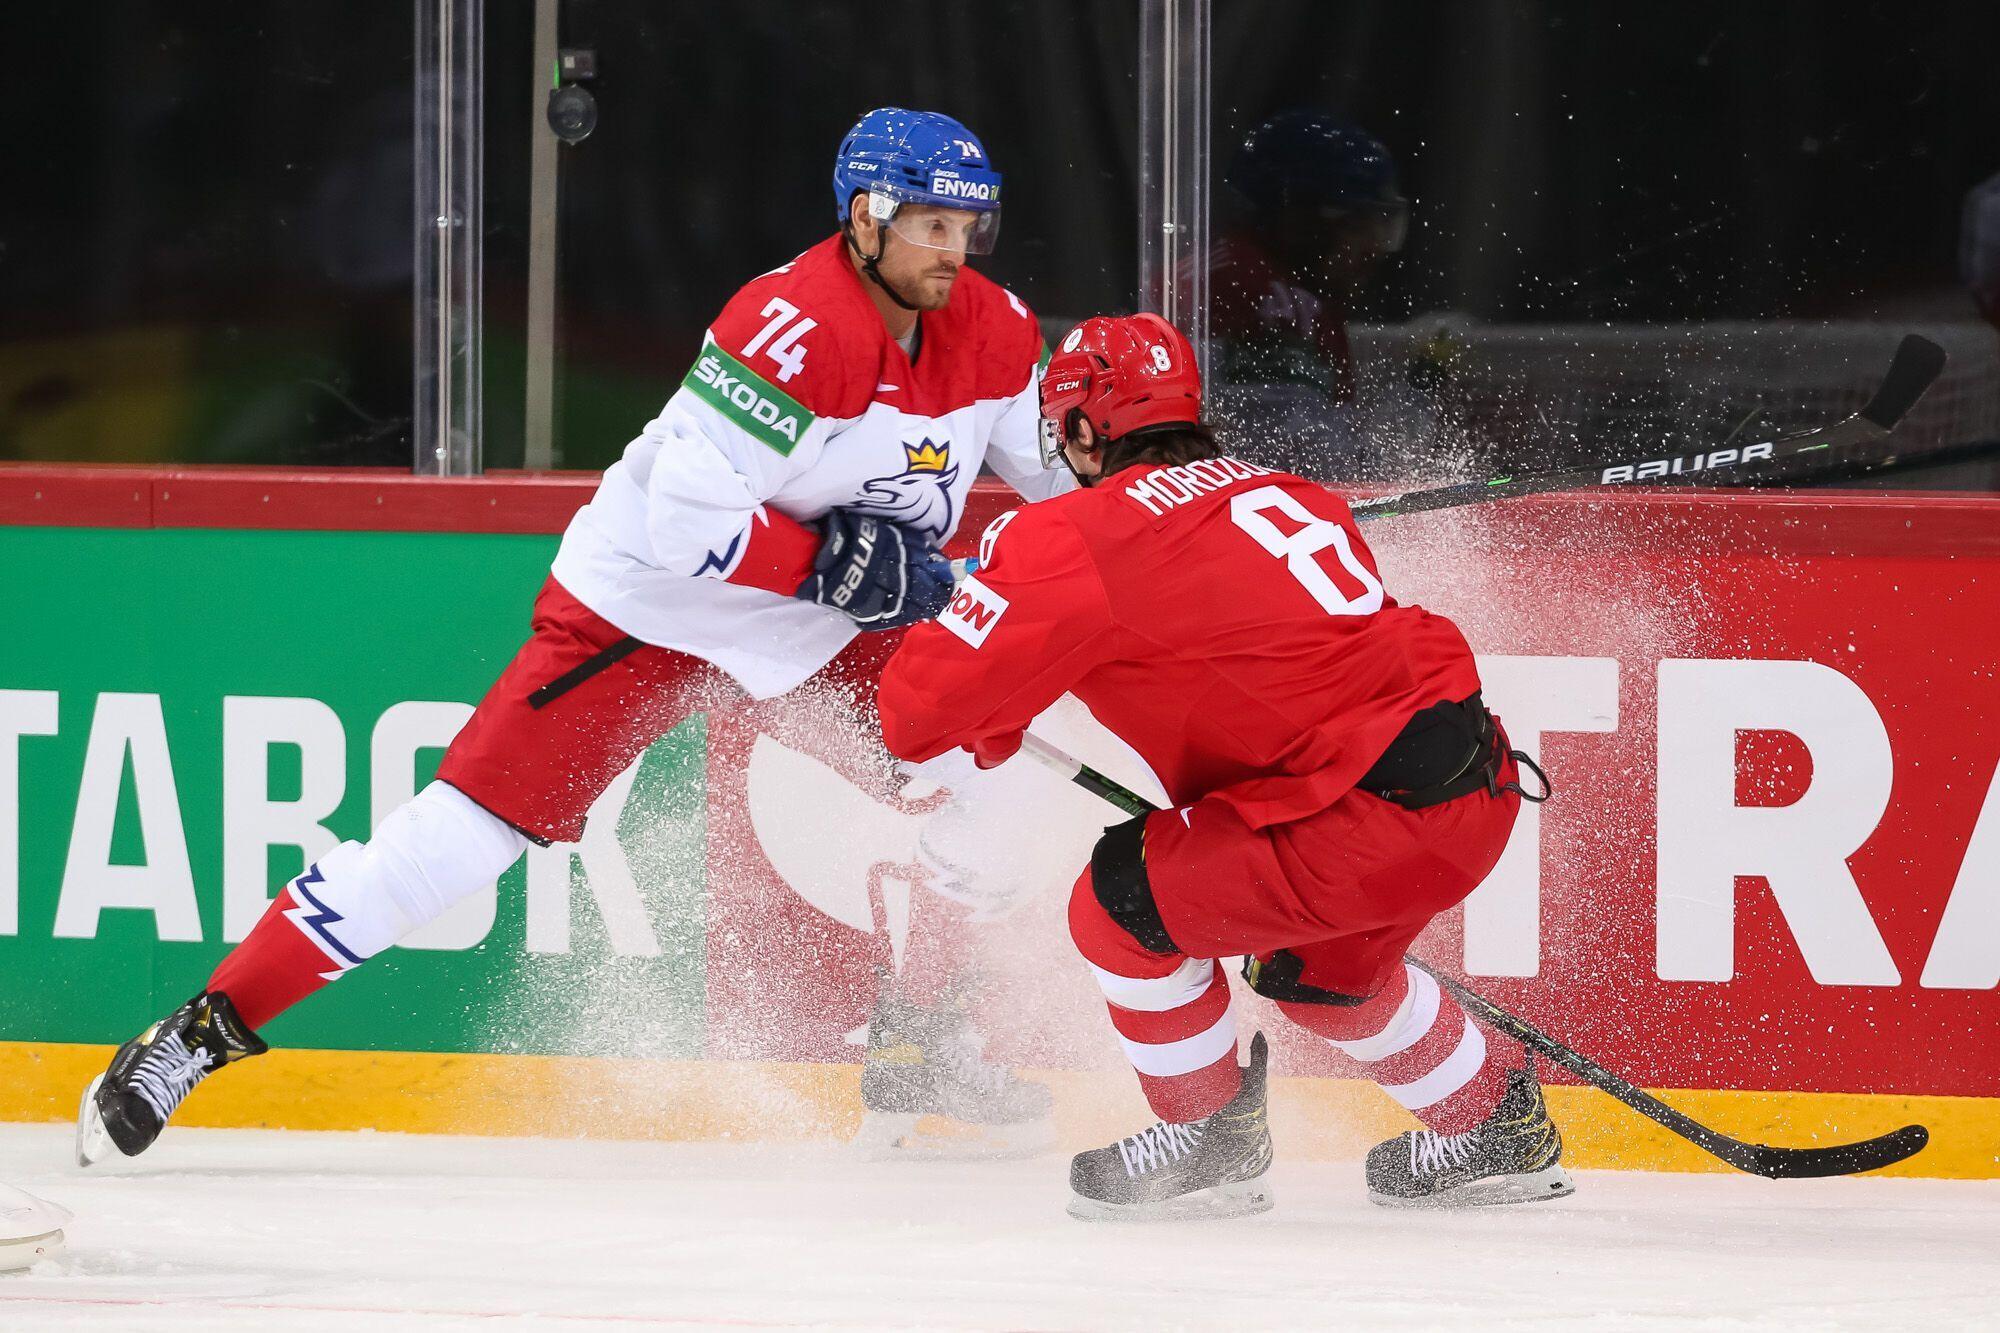 Россия и Чехия устроили голевую феерию.